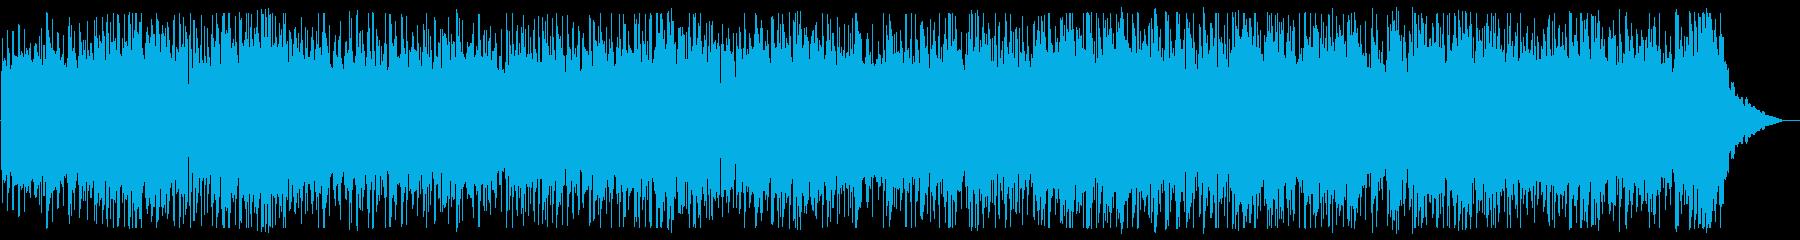 主よ人の望みの喜びよ(acoustic)の再生済みの波形